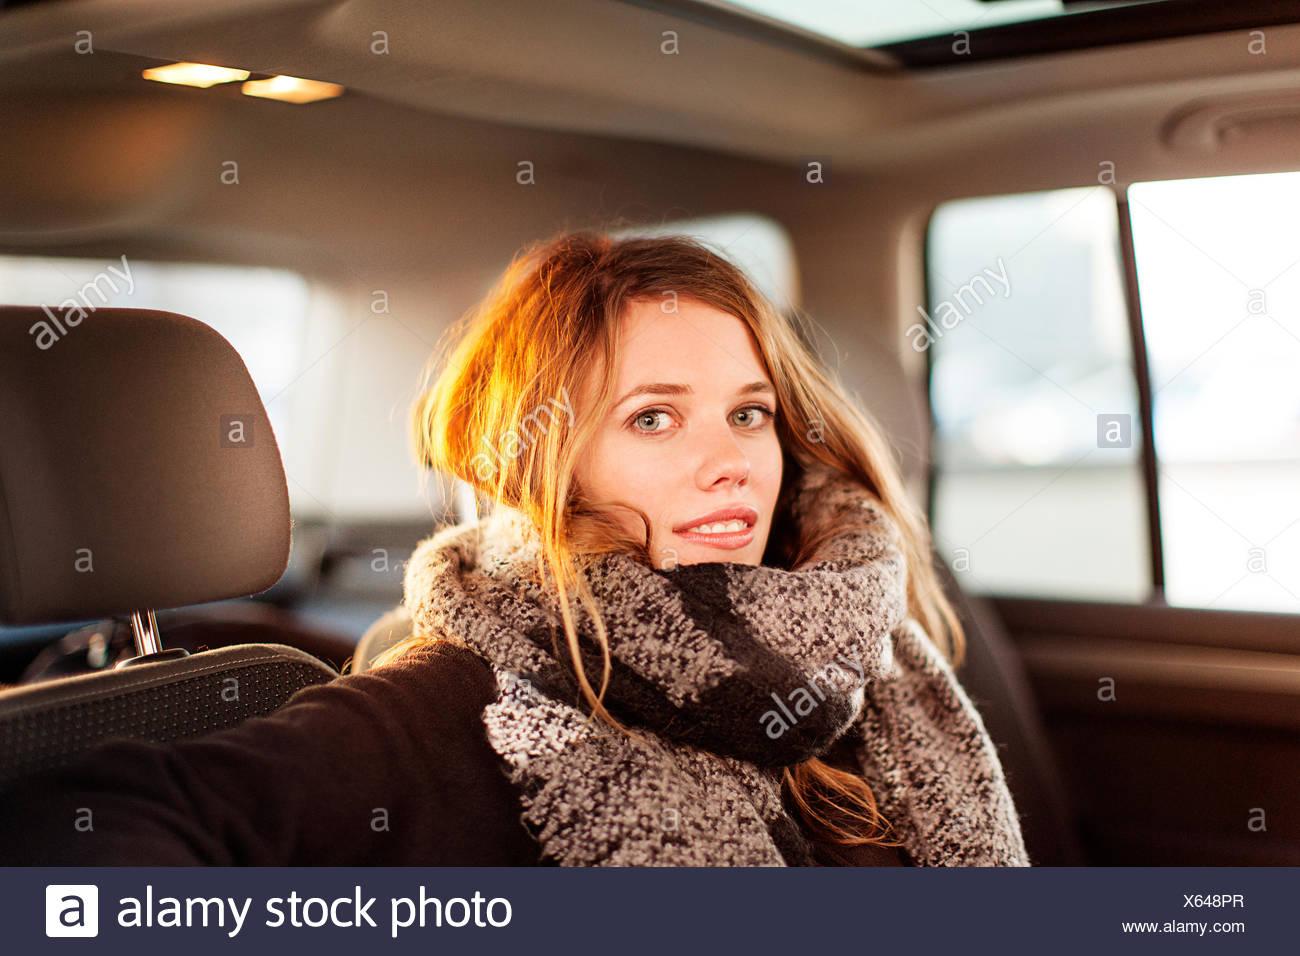 Porträt der lächelnde Frau in einem Auto Stockbild